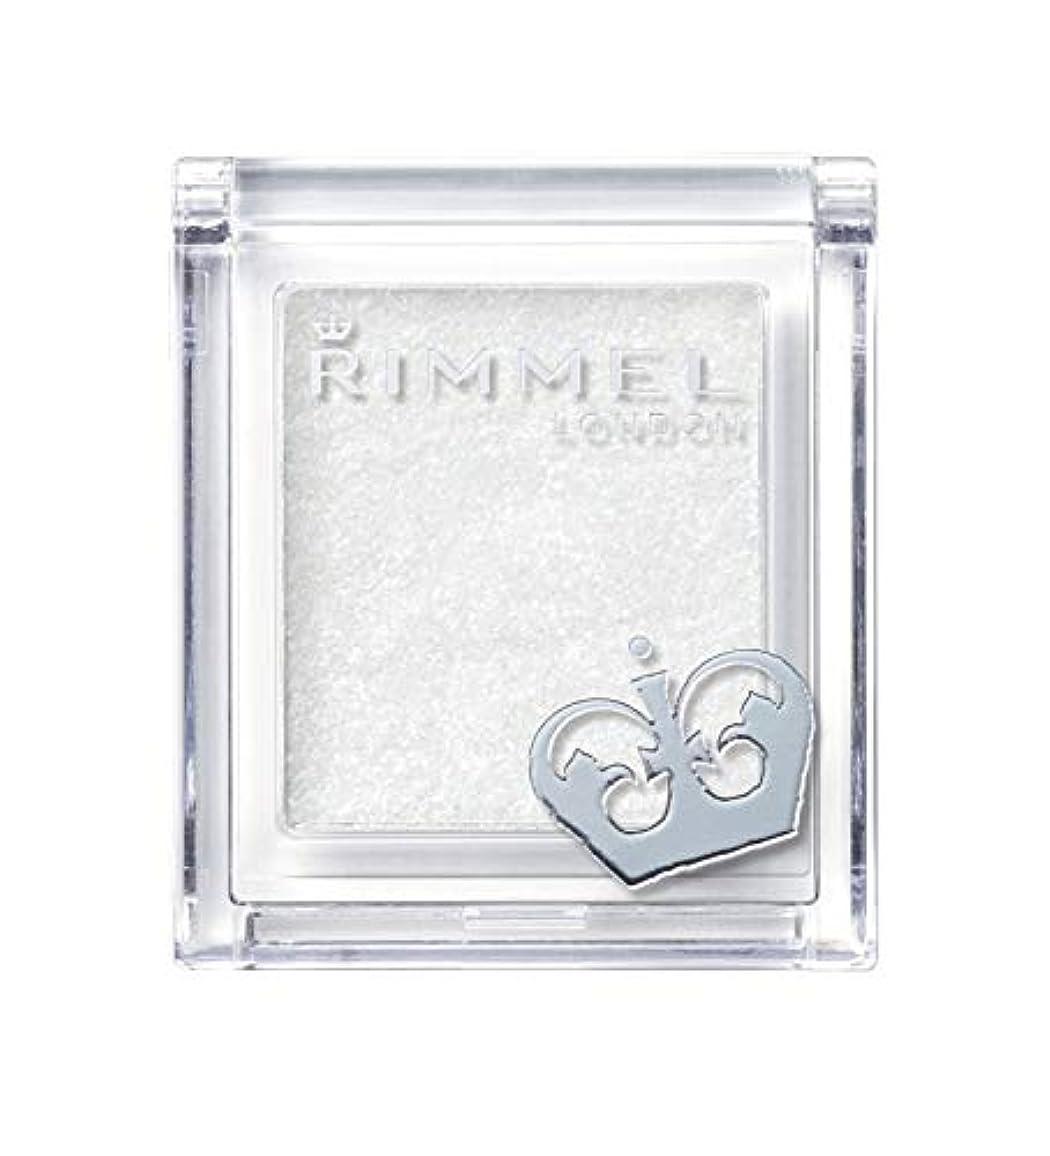 忘れる人道的メトリックリンメル プリズムパウダーアイカラー 001 ダイヤモンドホワイト 1.5g